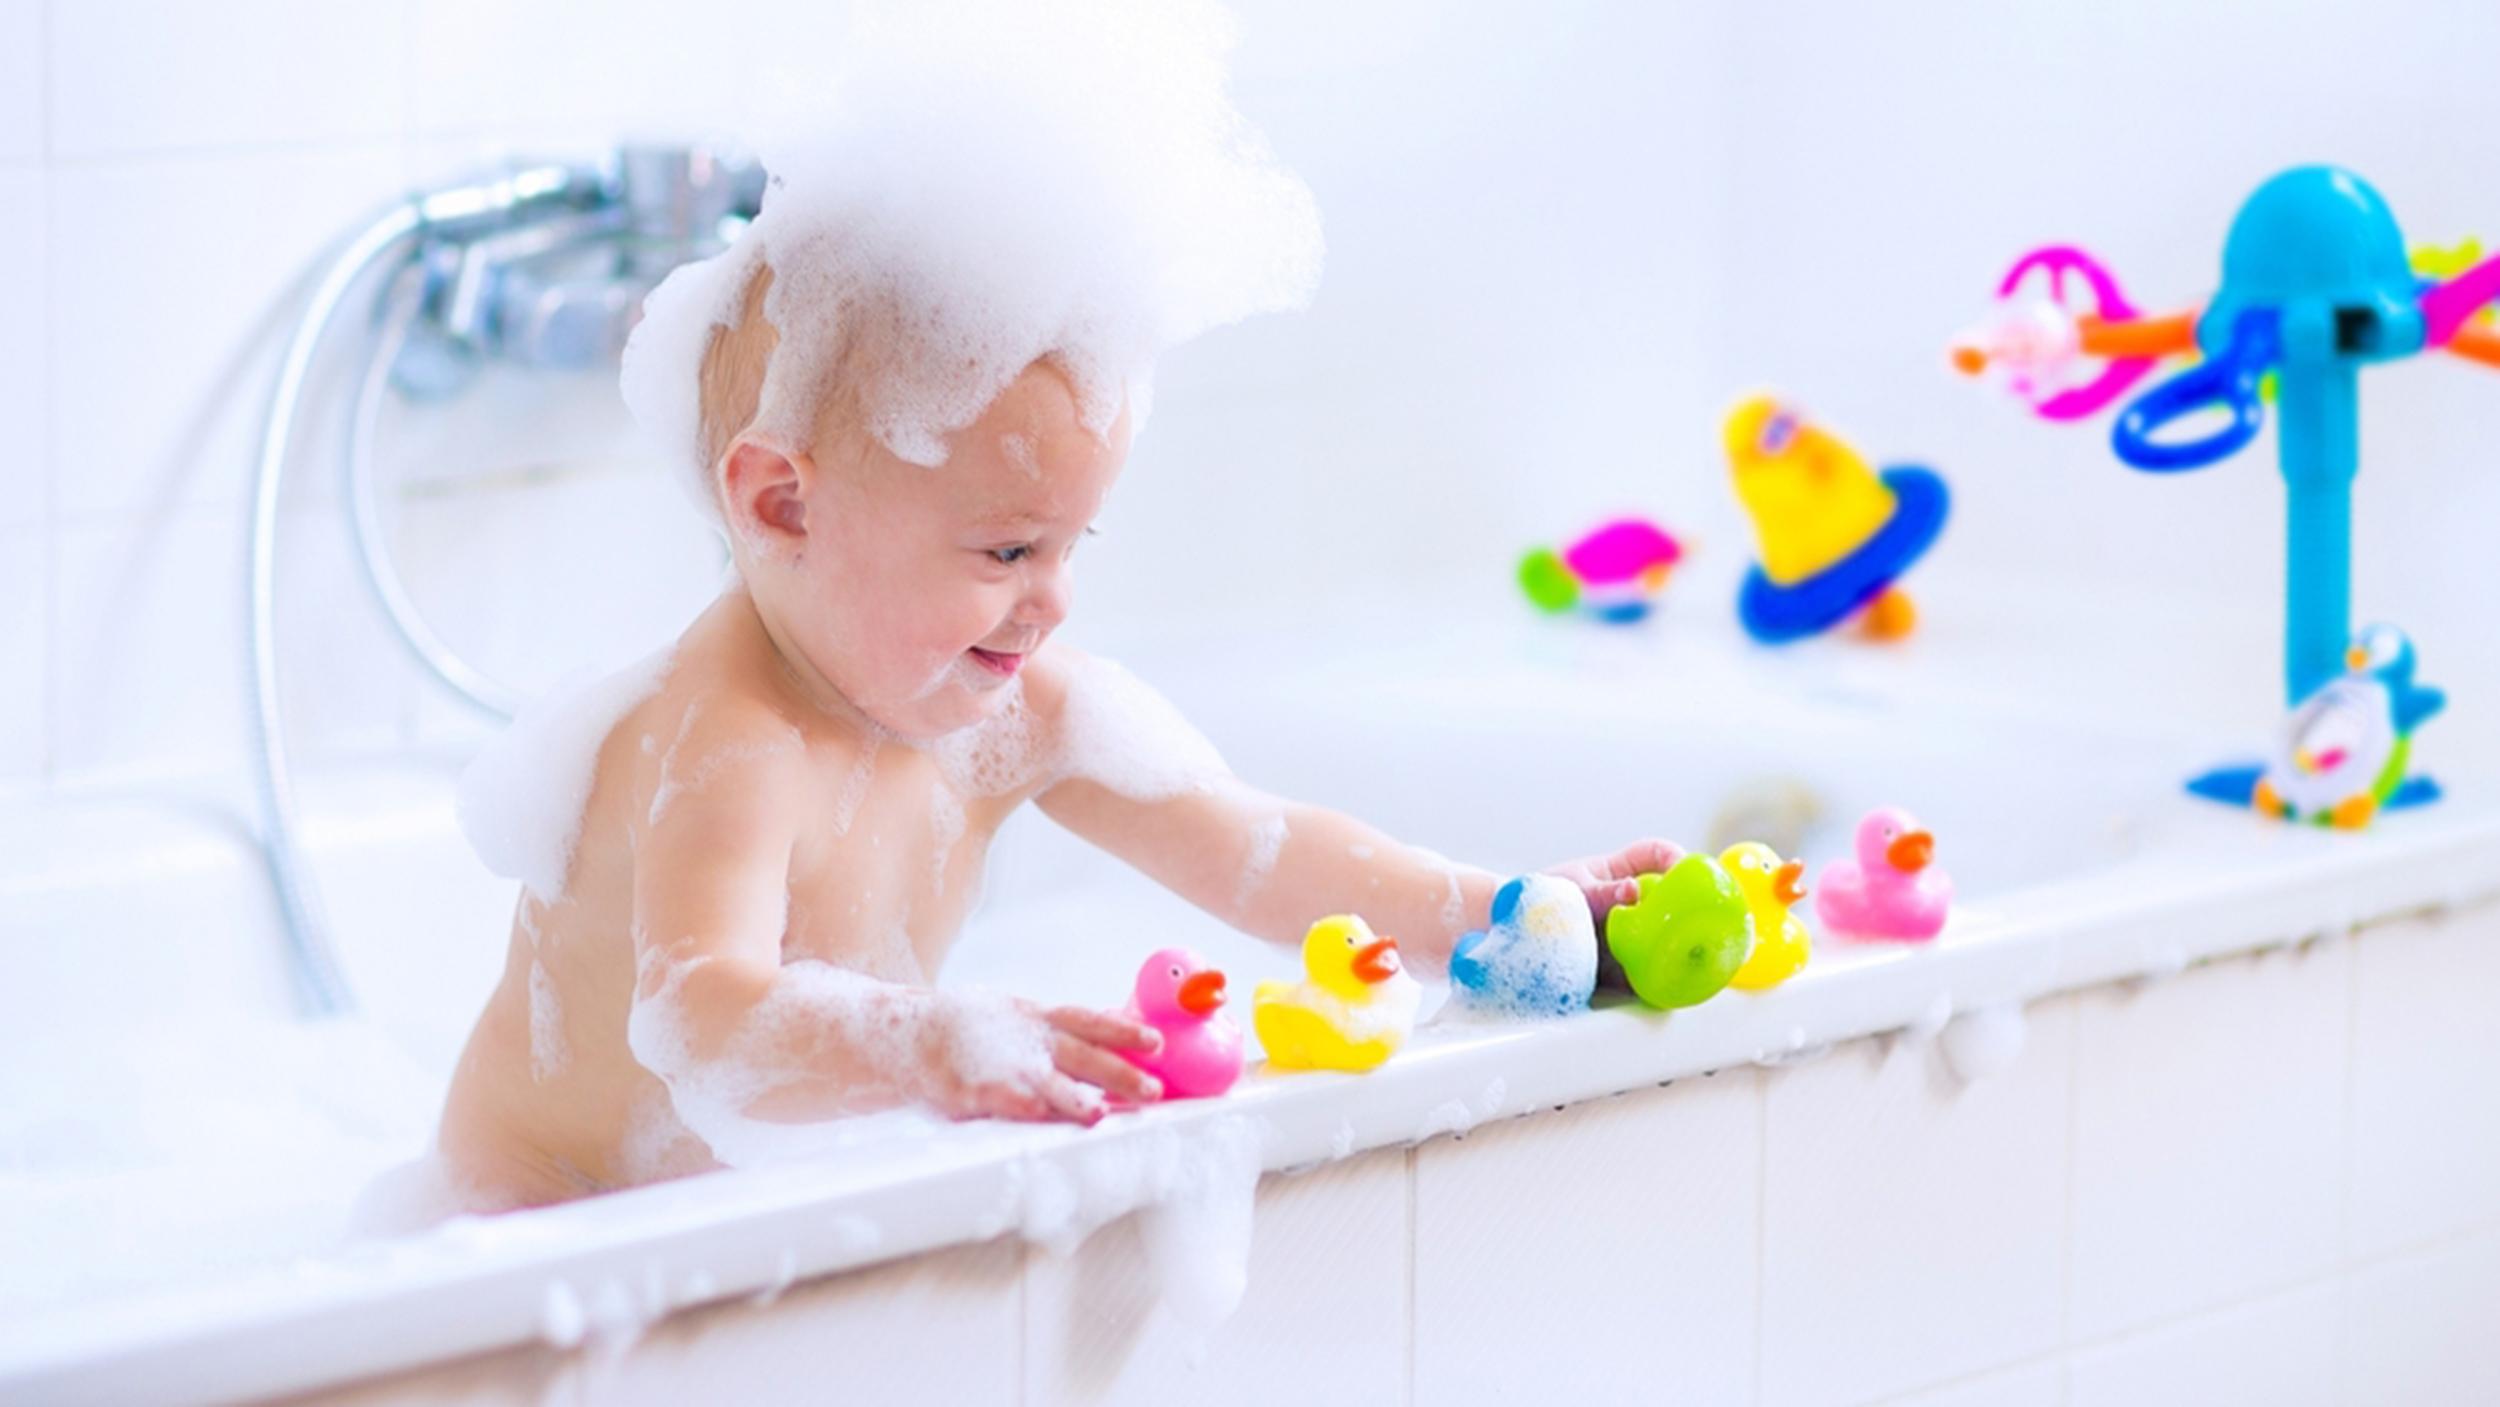 Малыш играет в ванне